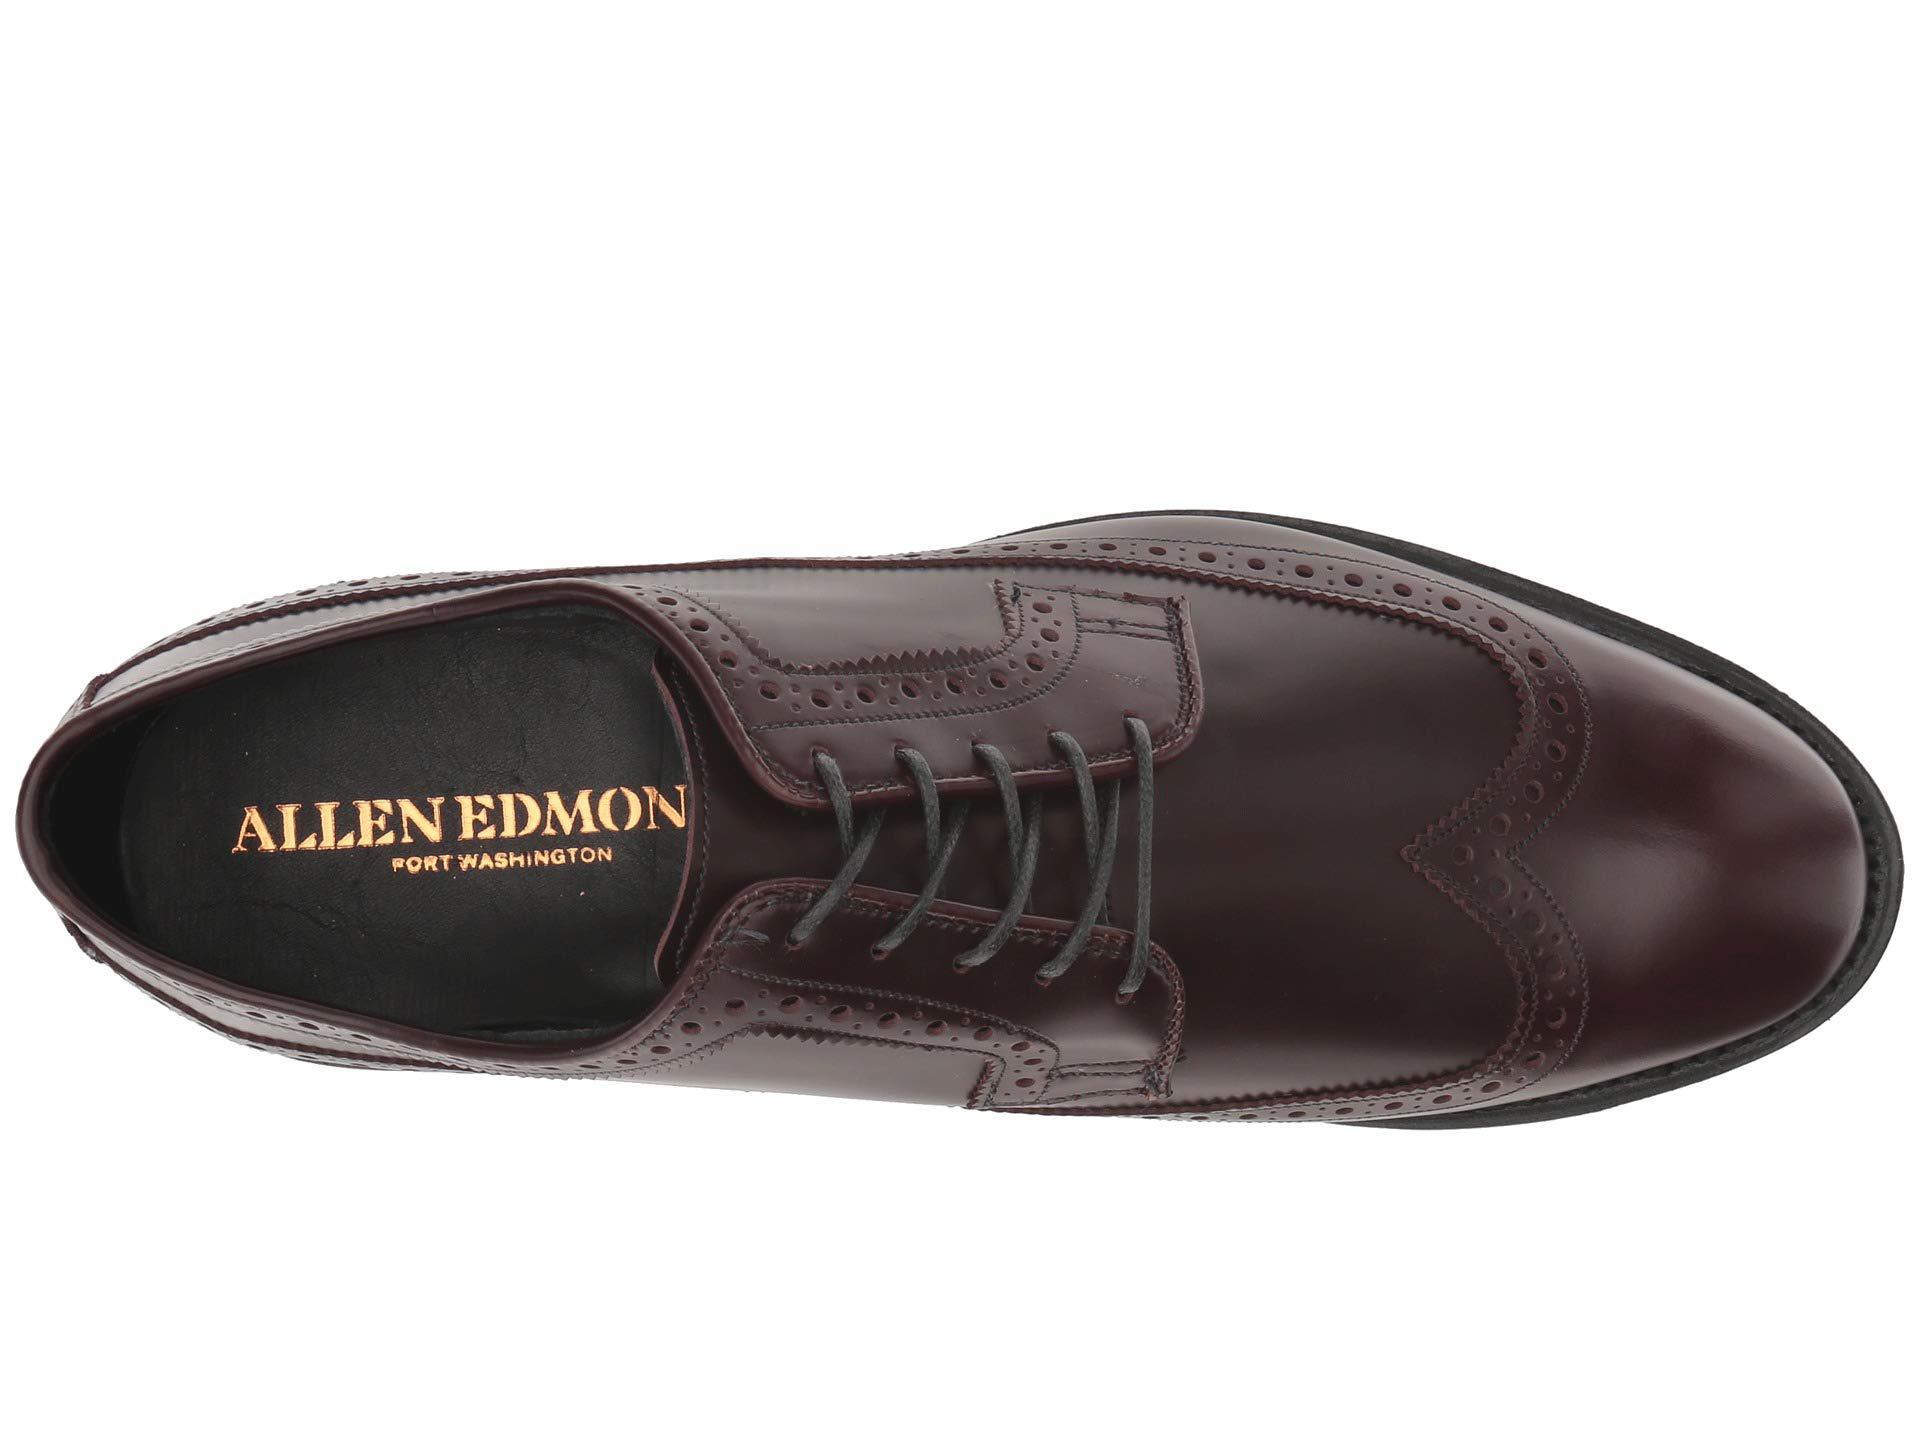 0e7d560492b Allen Edmonds - Multicolor Greene Street (black) Men s Shoes for Men -  Lyst. View fullscreen